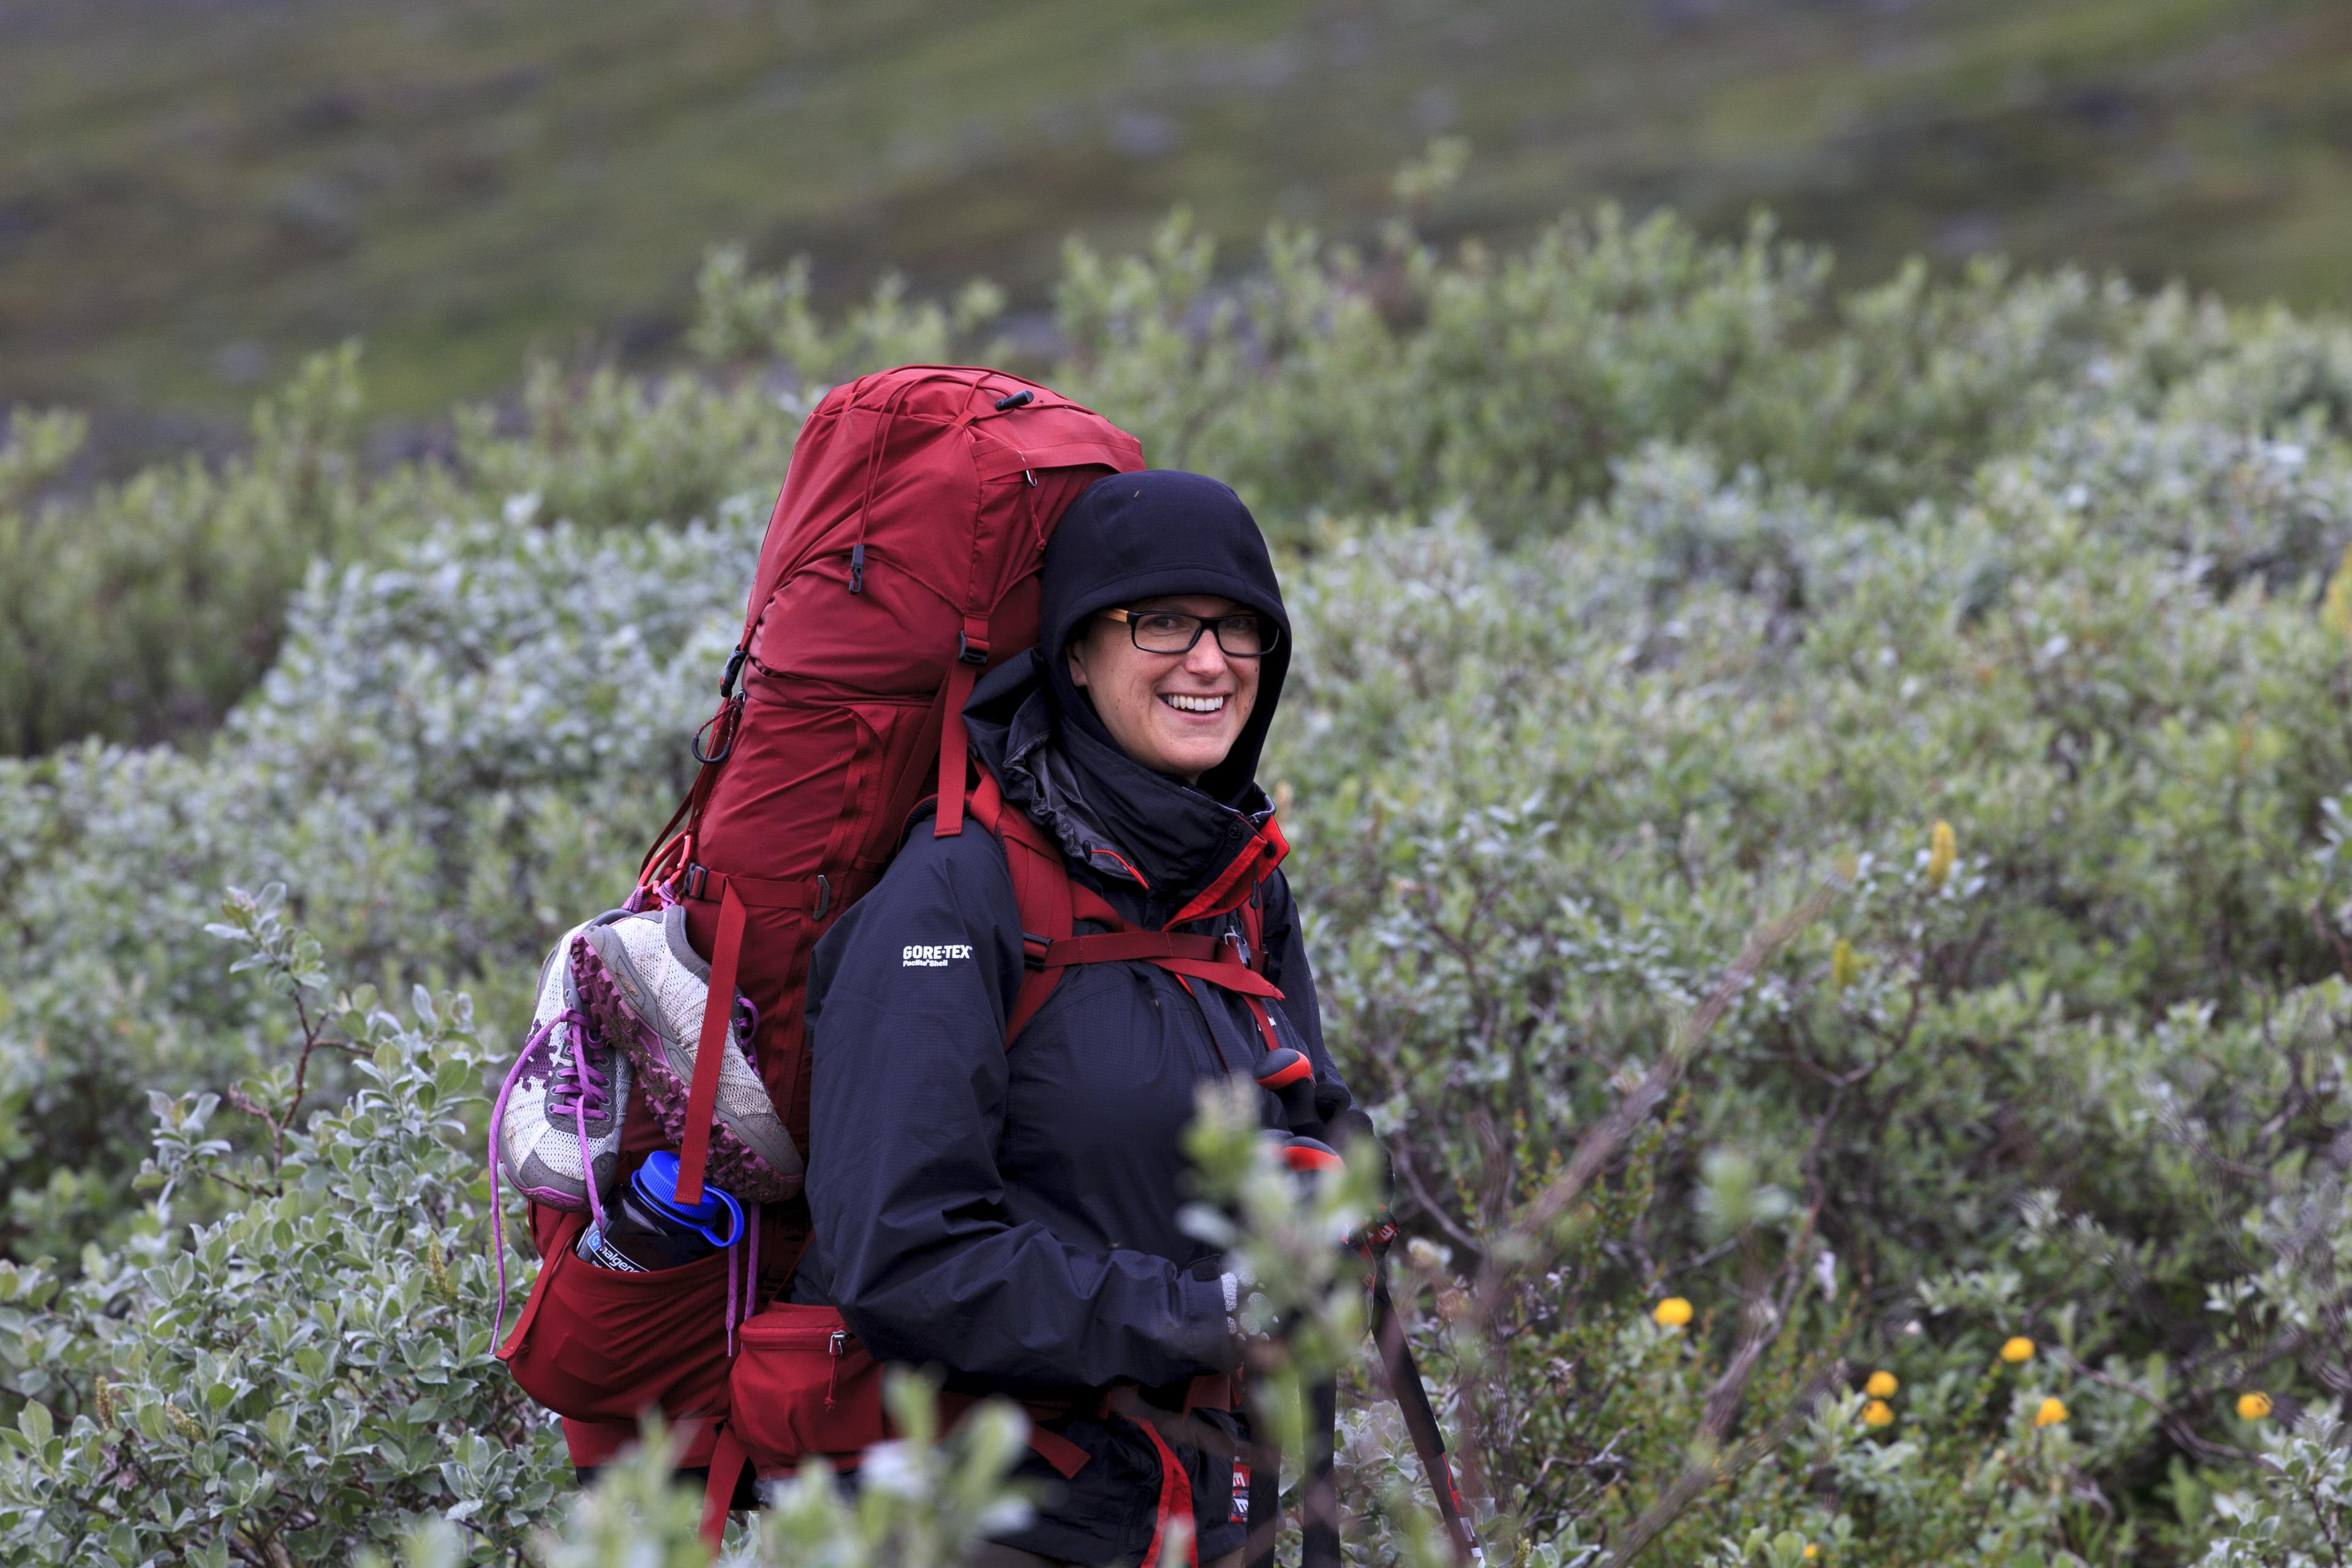 Elisabeth im Weidengestrüpp (zum Glück führt ein schmaler Pfad durch),©Markus Proske—Canon EOS 5D Mark II, EF70-300mm f/4-5.6L IS USM, 300mm, 1/125s, Blende 8, ISO 250